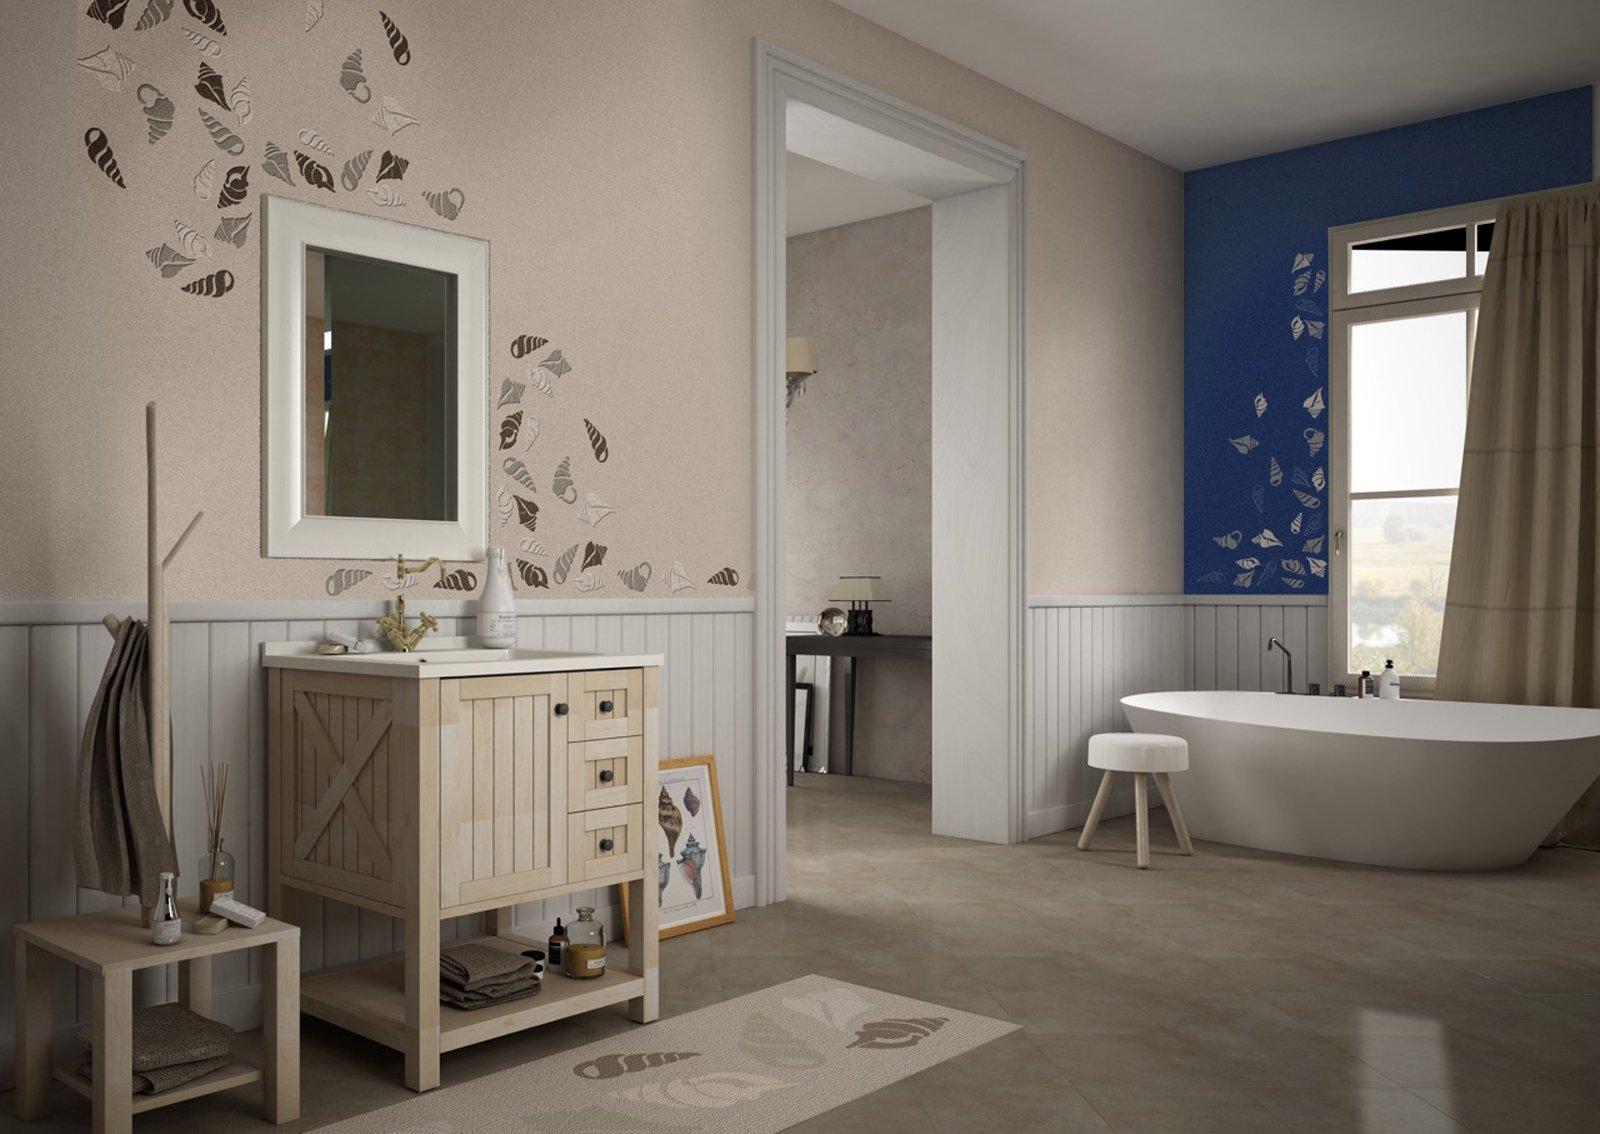 Rifare il bagno senza togliere le piastrelle e con piccoli